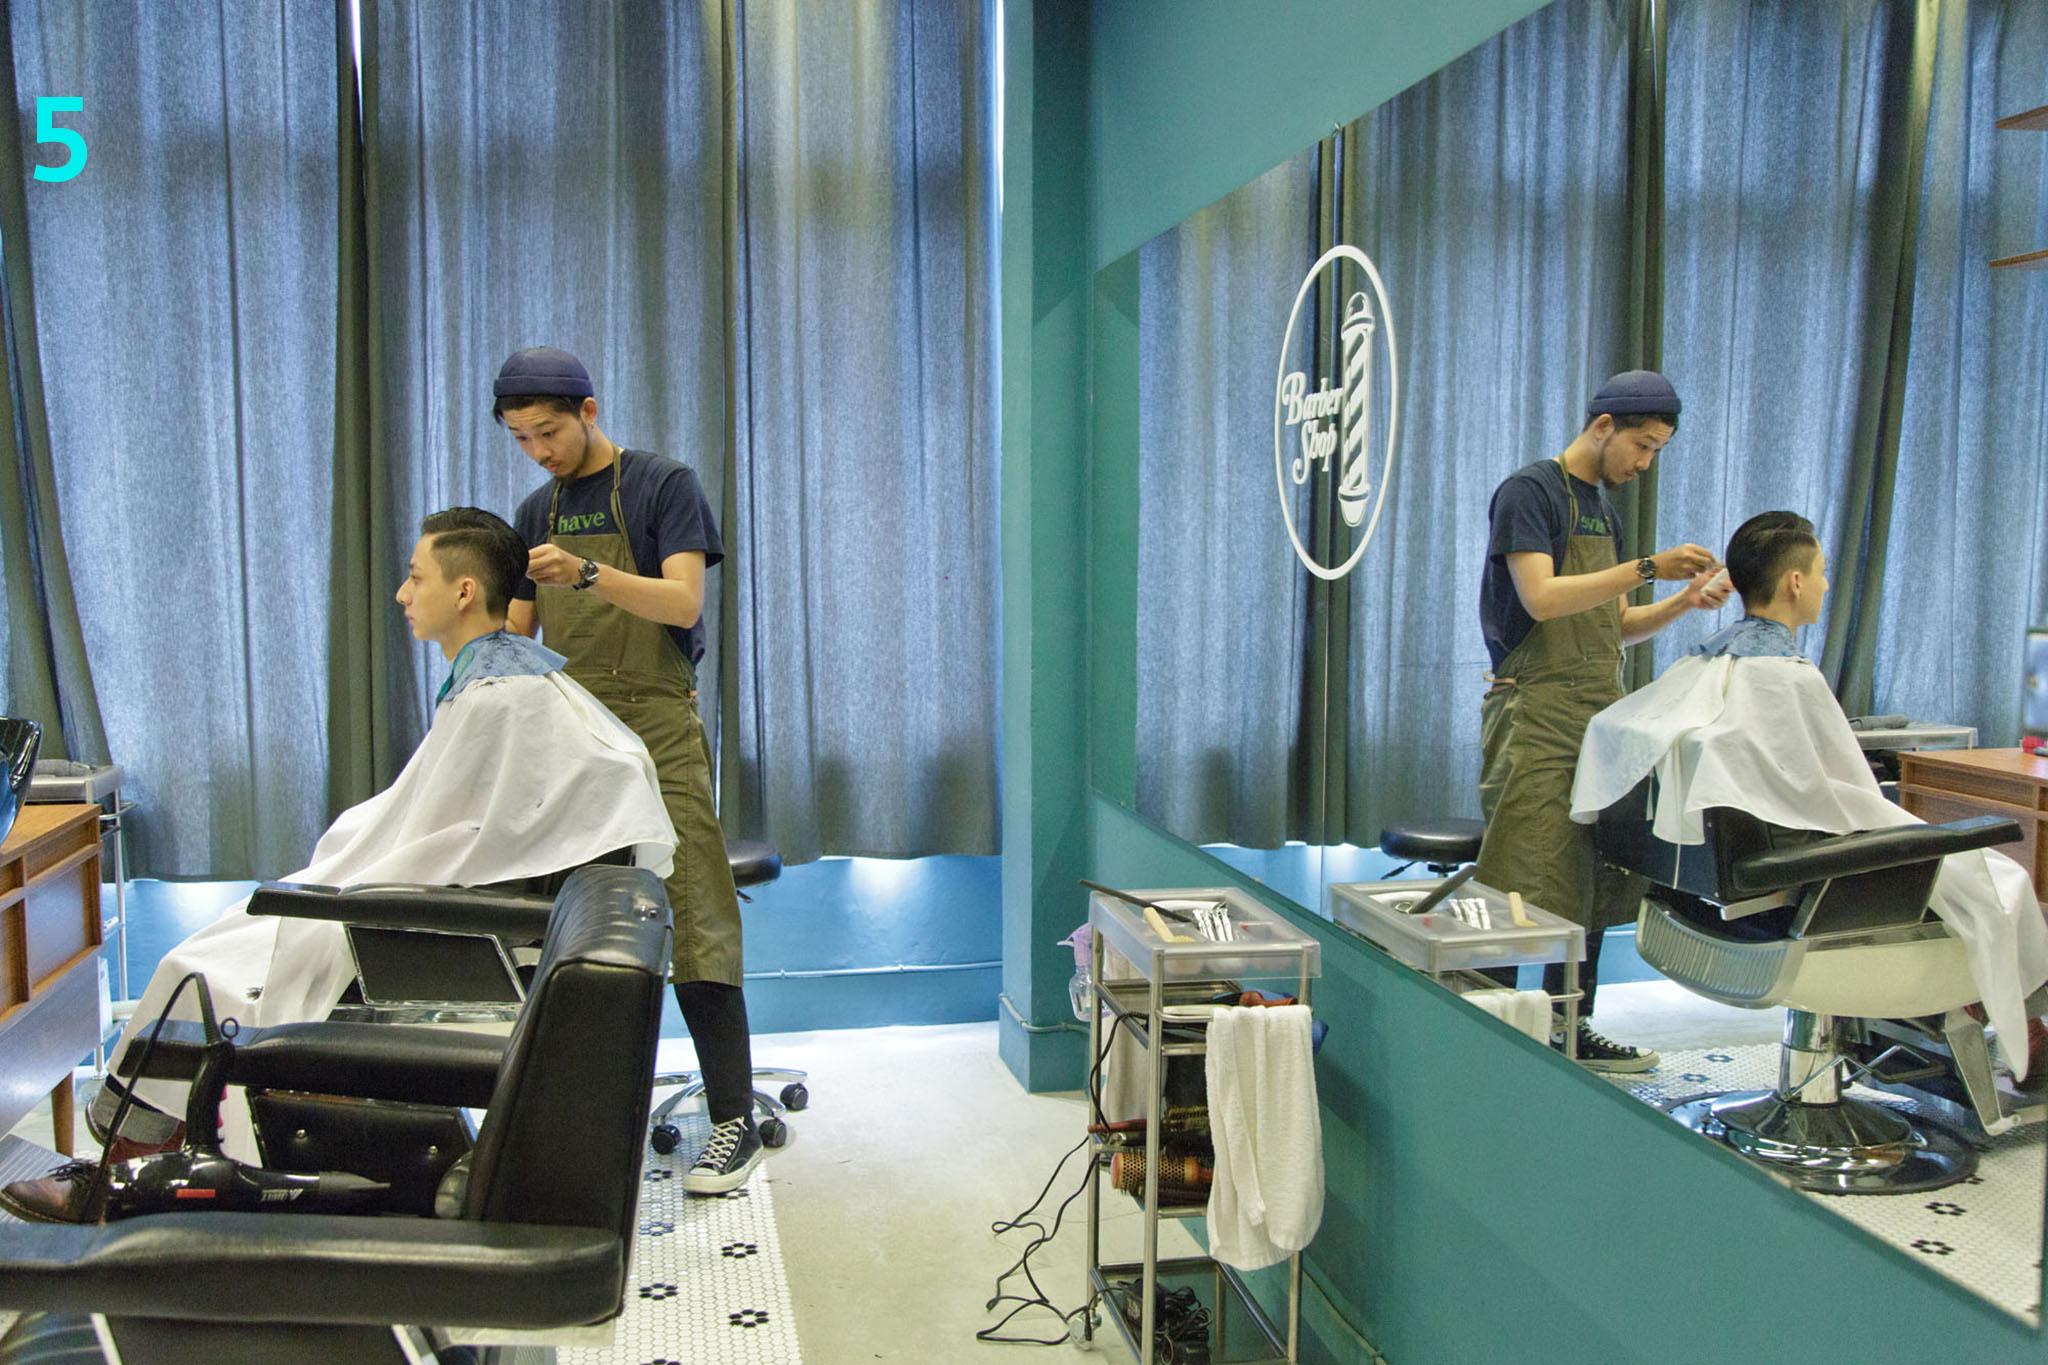 理发座椅前后皆设有镜子,剪发状况一目了然。